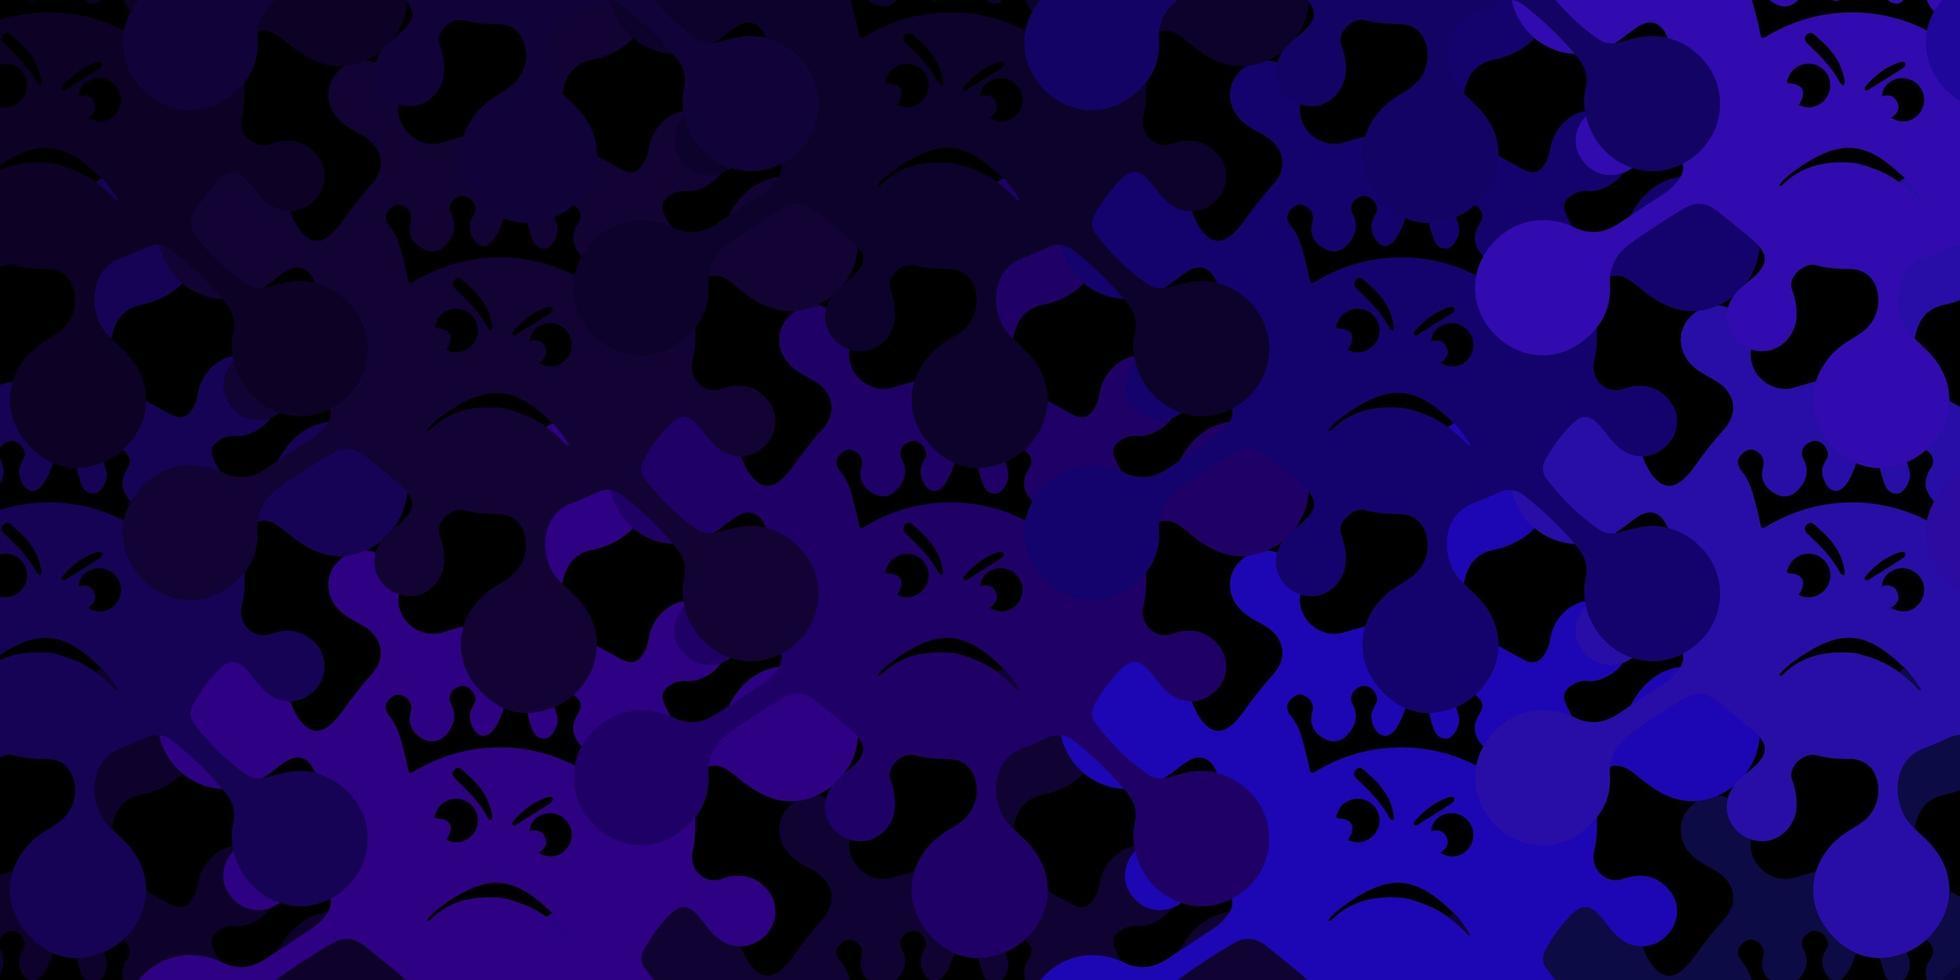 trama vettoriale viola scuro con simboli di malattia.